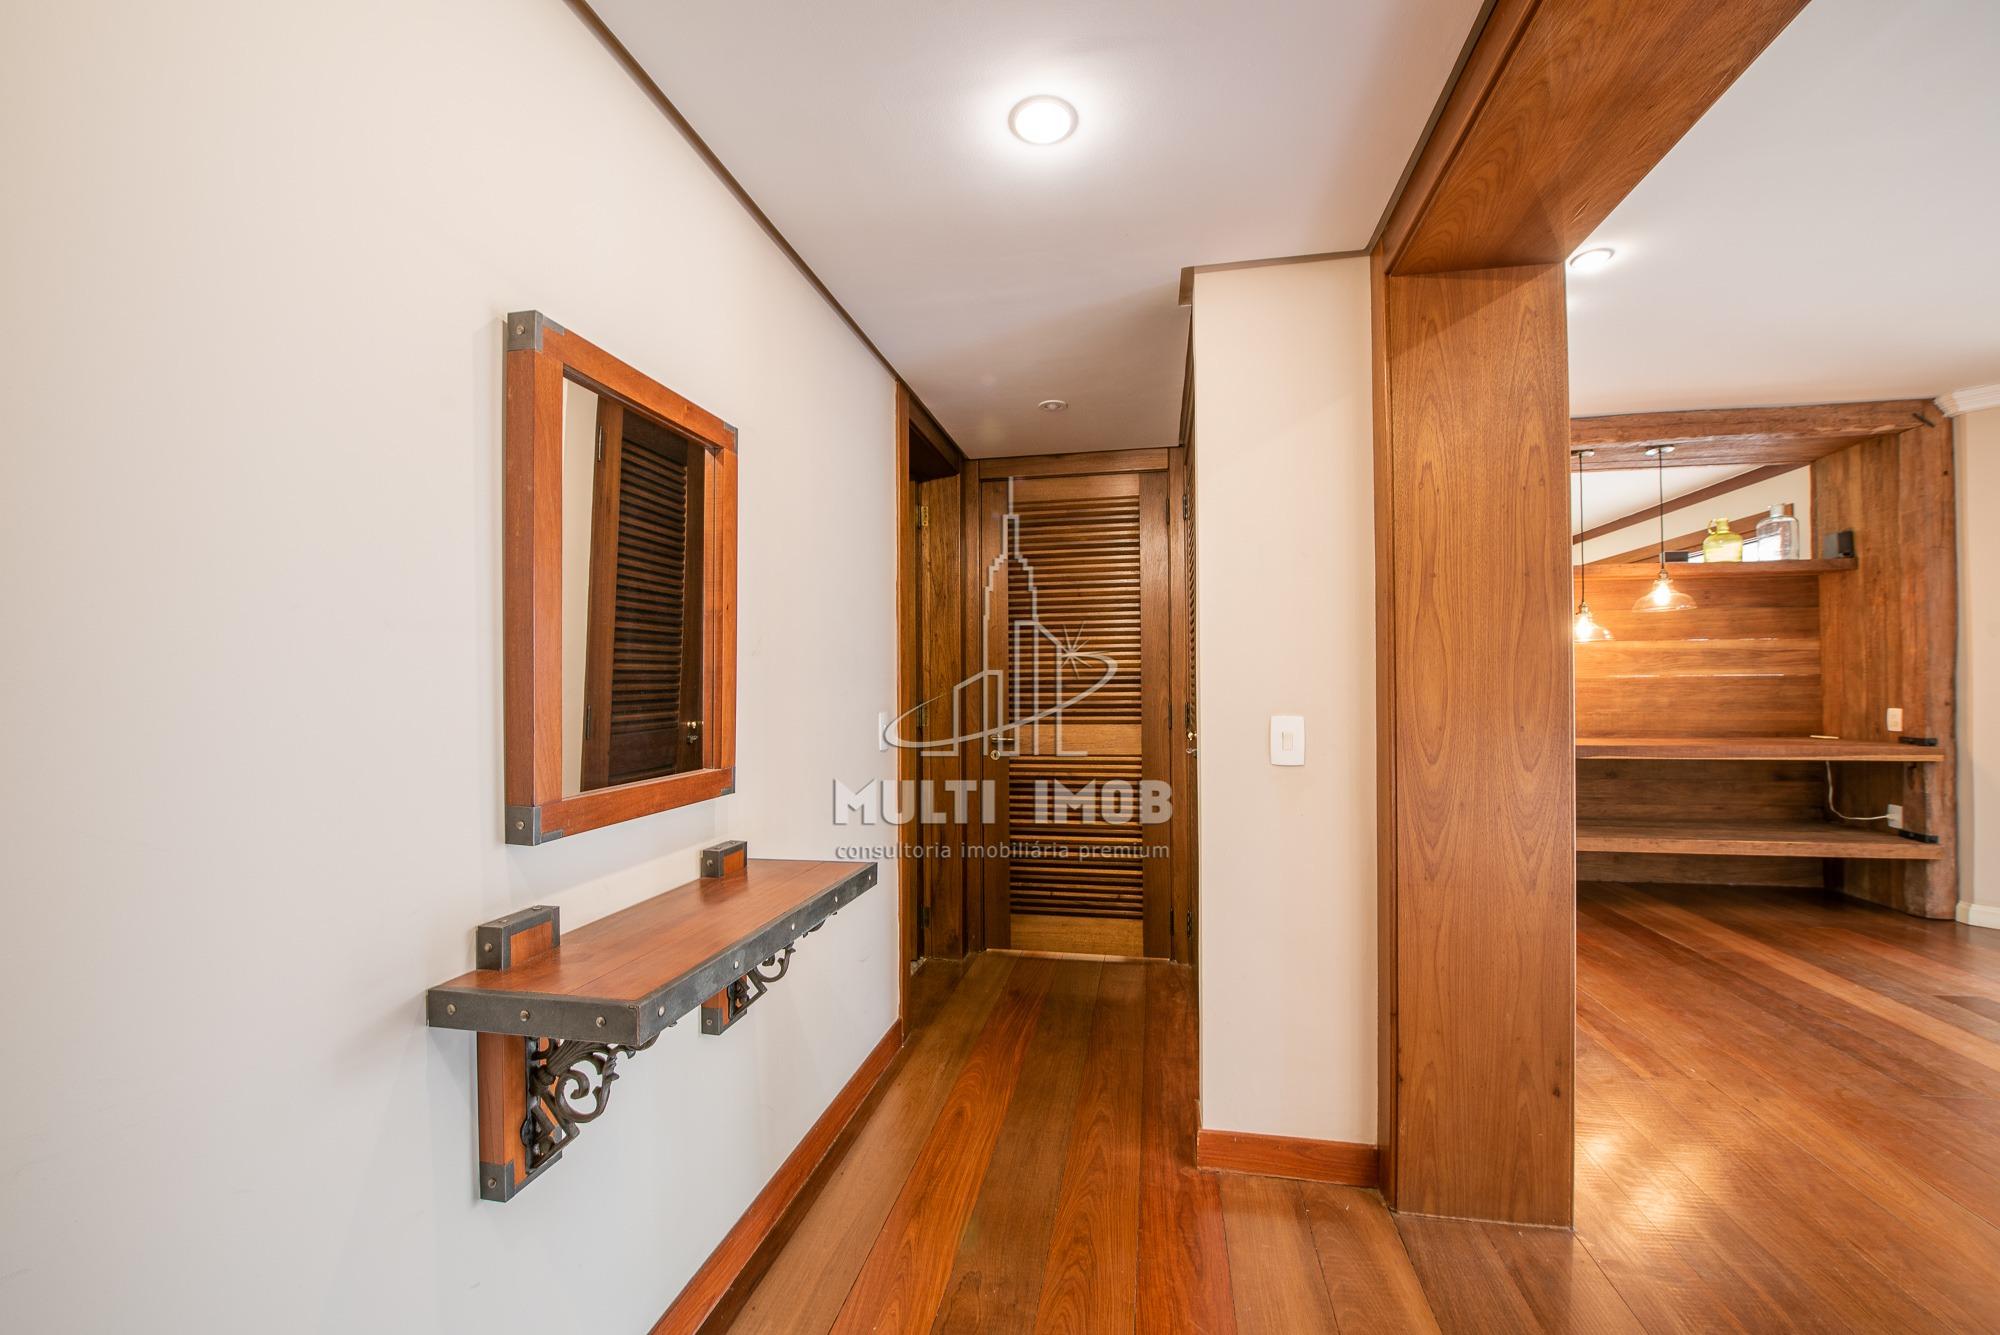 Apartamento  3 Dormitórios  1 Suíte  2 Vagas de Garagem Venda Bairro Petrópolis em Porto Alegre RS